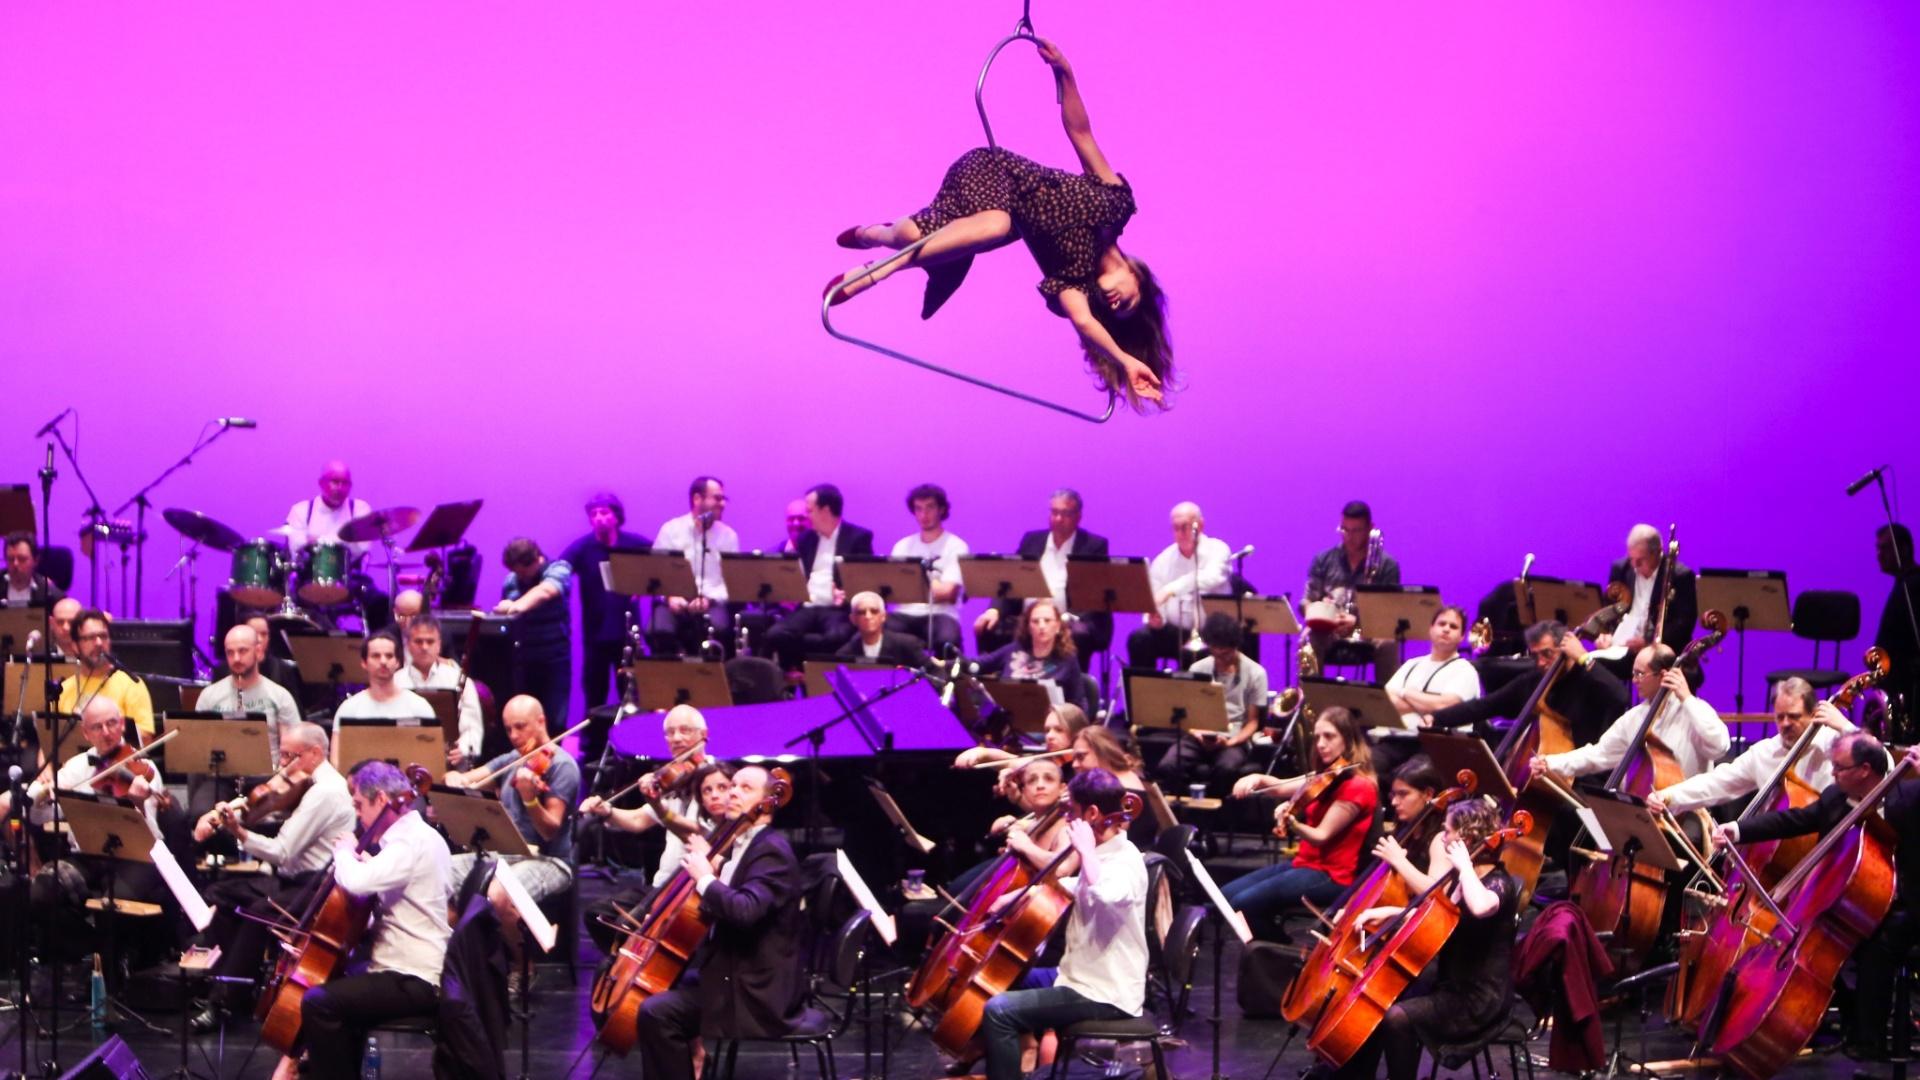 O Orquestra Jazz Sinfônica fez um ensaio geral na tarde desta sexta-feira (20) para o musical